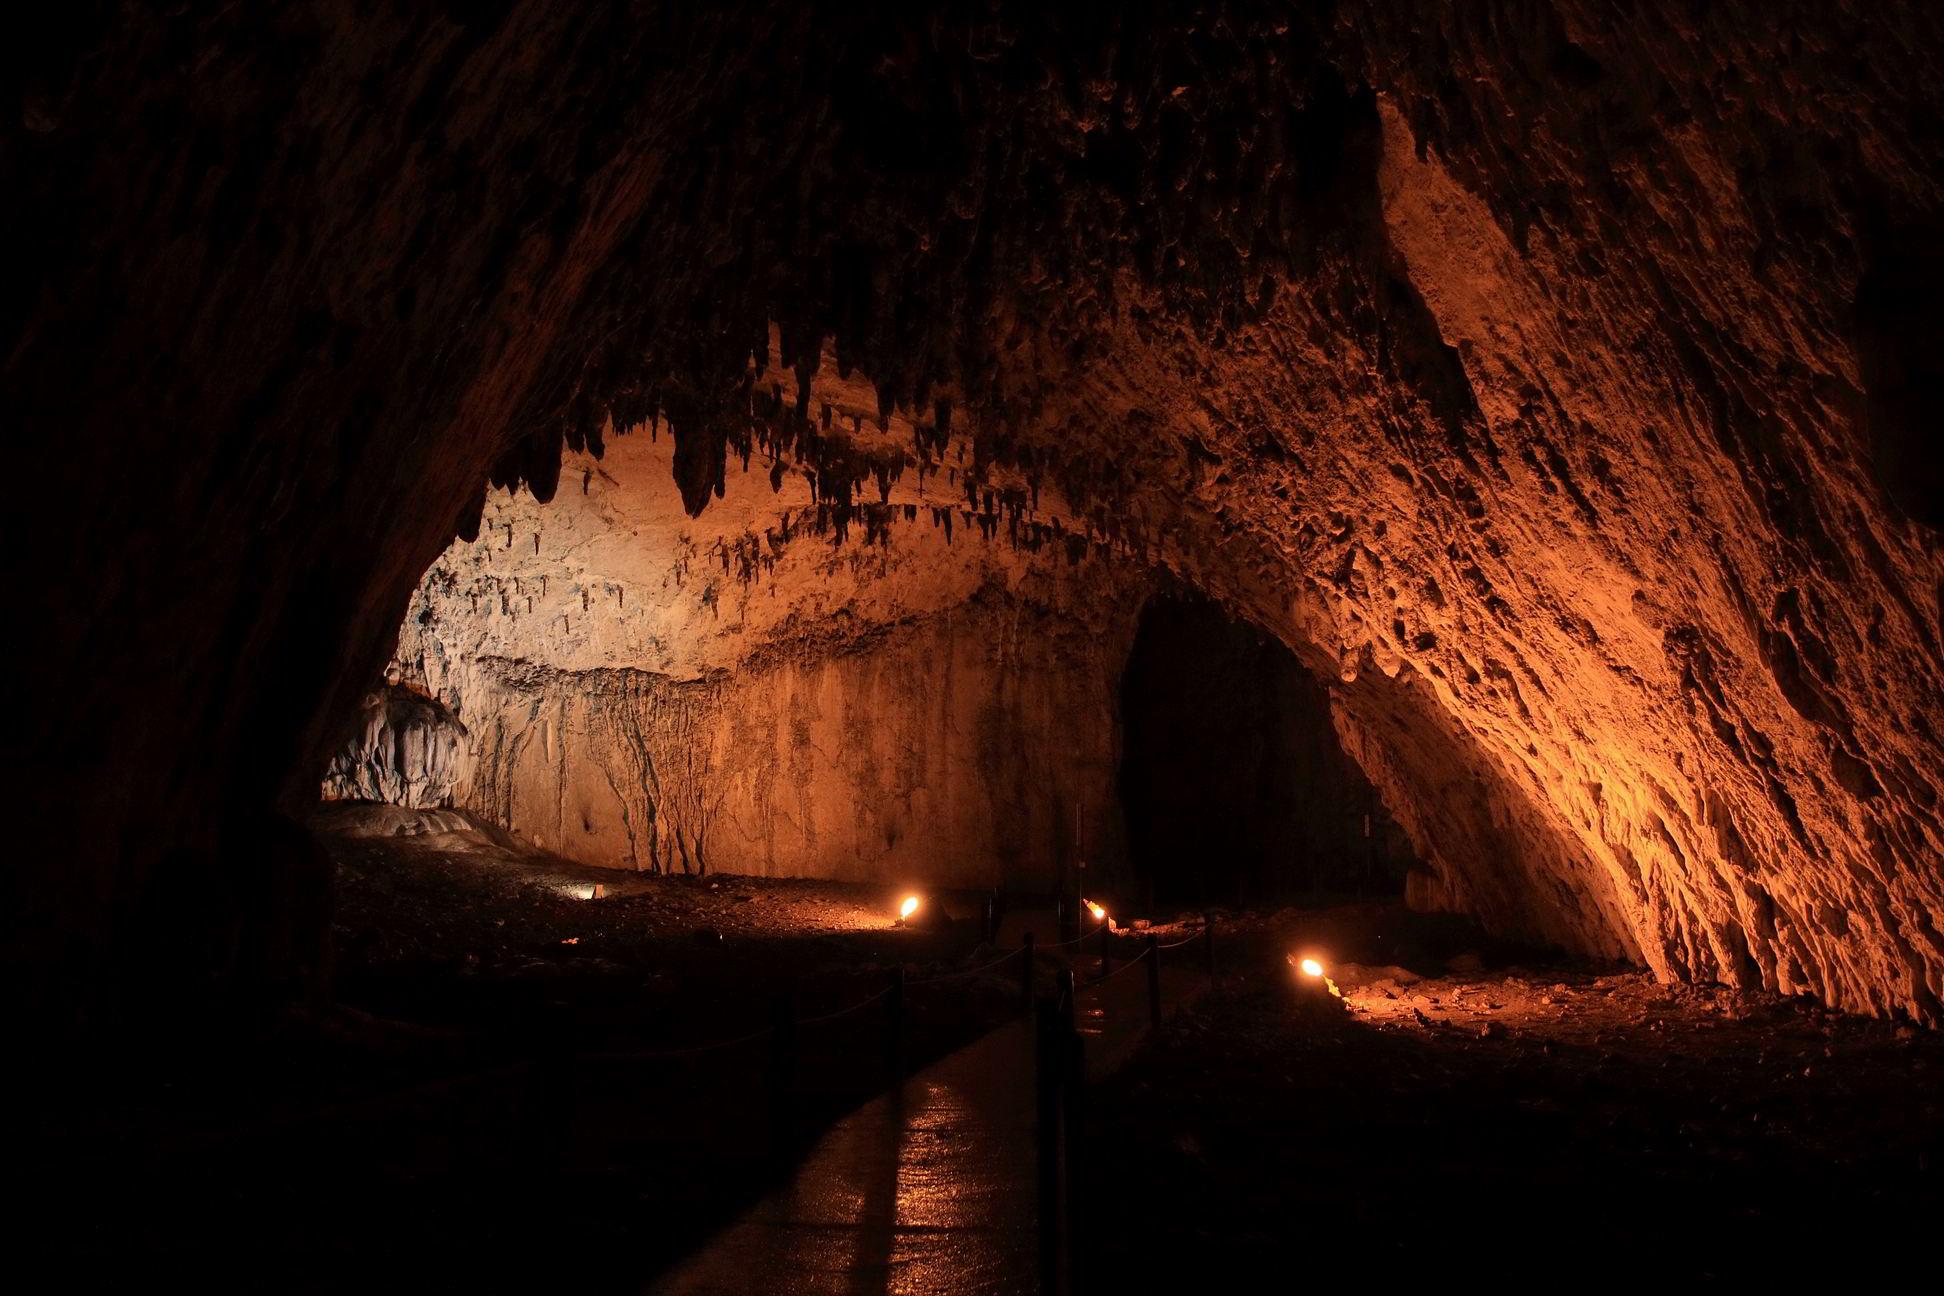 Cavernas  Orlando Fabin Franco Lugo